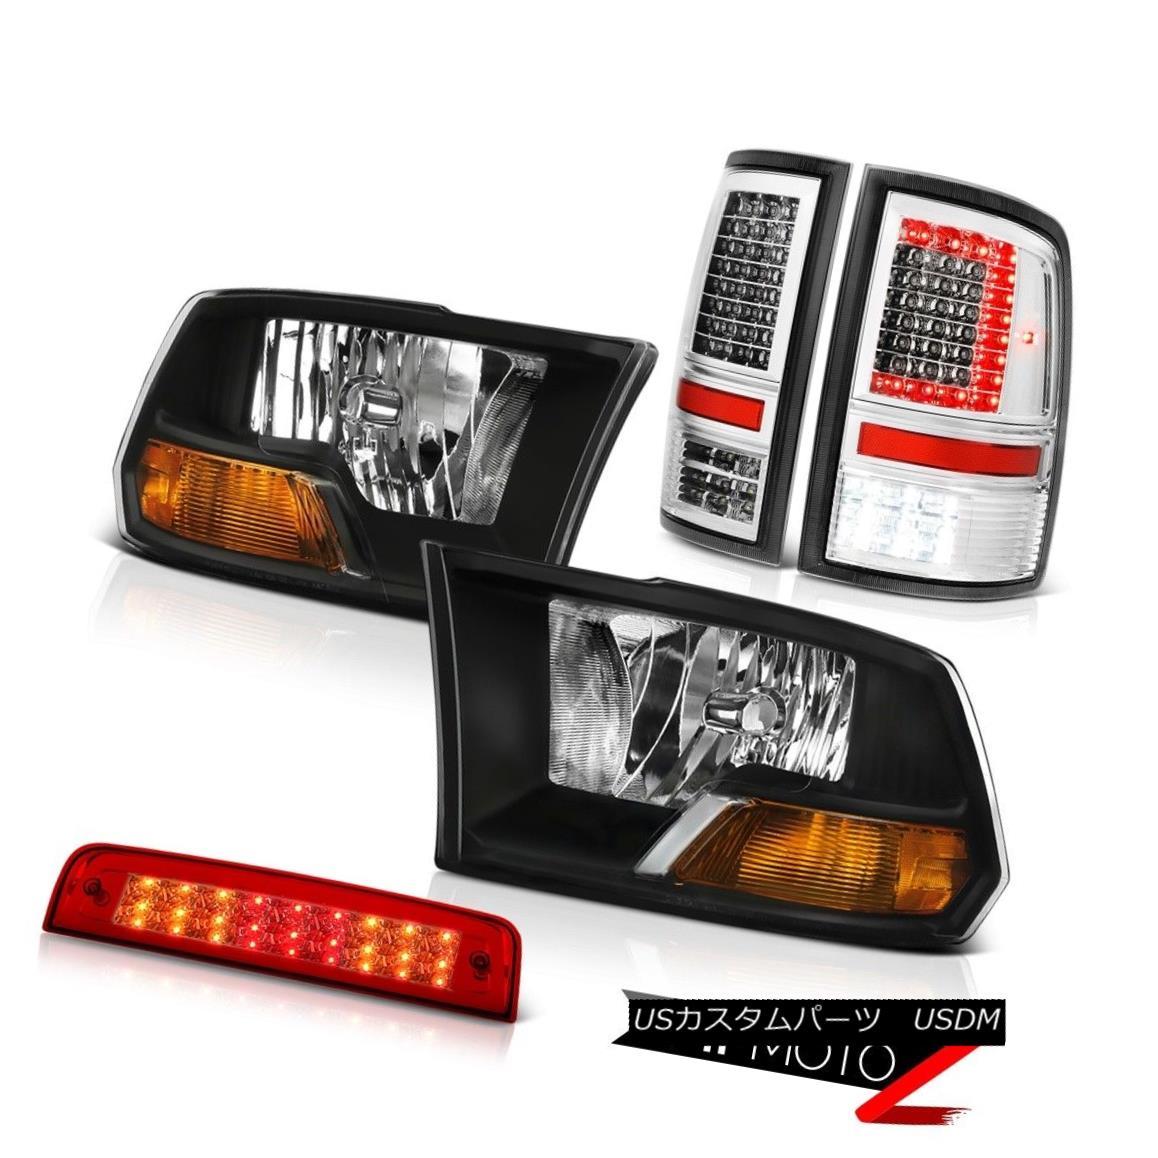 テールライト 09-16 17 18 Dodge RAM 3500 Tail Lights Red Clear Brake Factory Style Headlamps 09-16 17 18ダッジRAM 3500テールライトレッドクリアブレーキファクトリーヘッドランプ